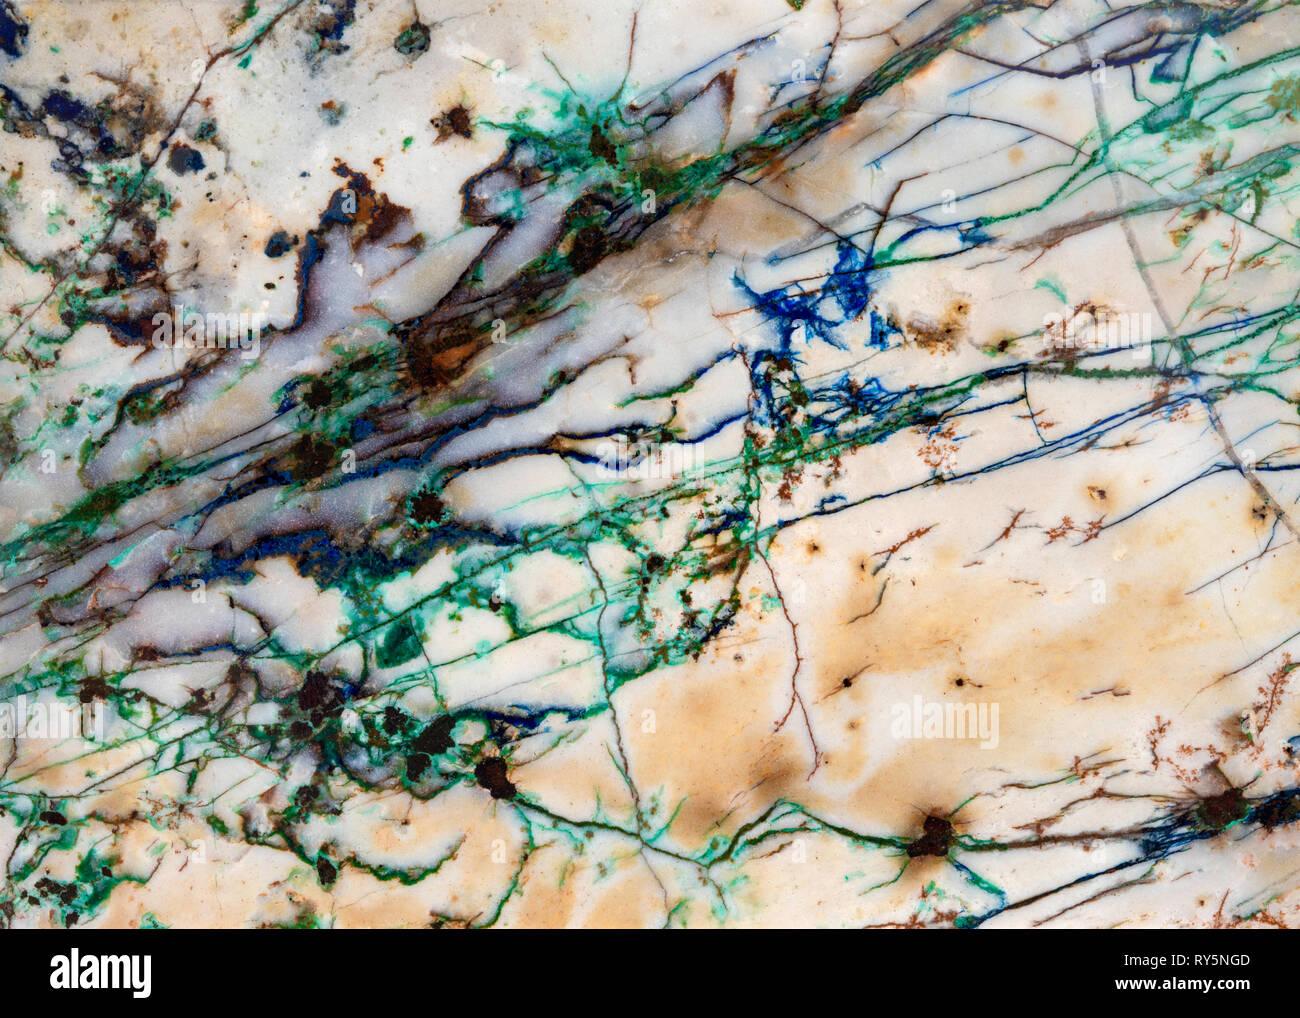 Détail de l'exécution des veines minérales par une tranche de rock. Le bleu et le vert sont l'azurite et malachite respectivement. Photo Stock